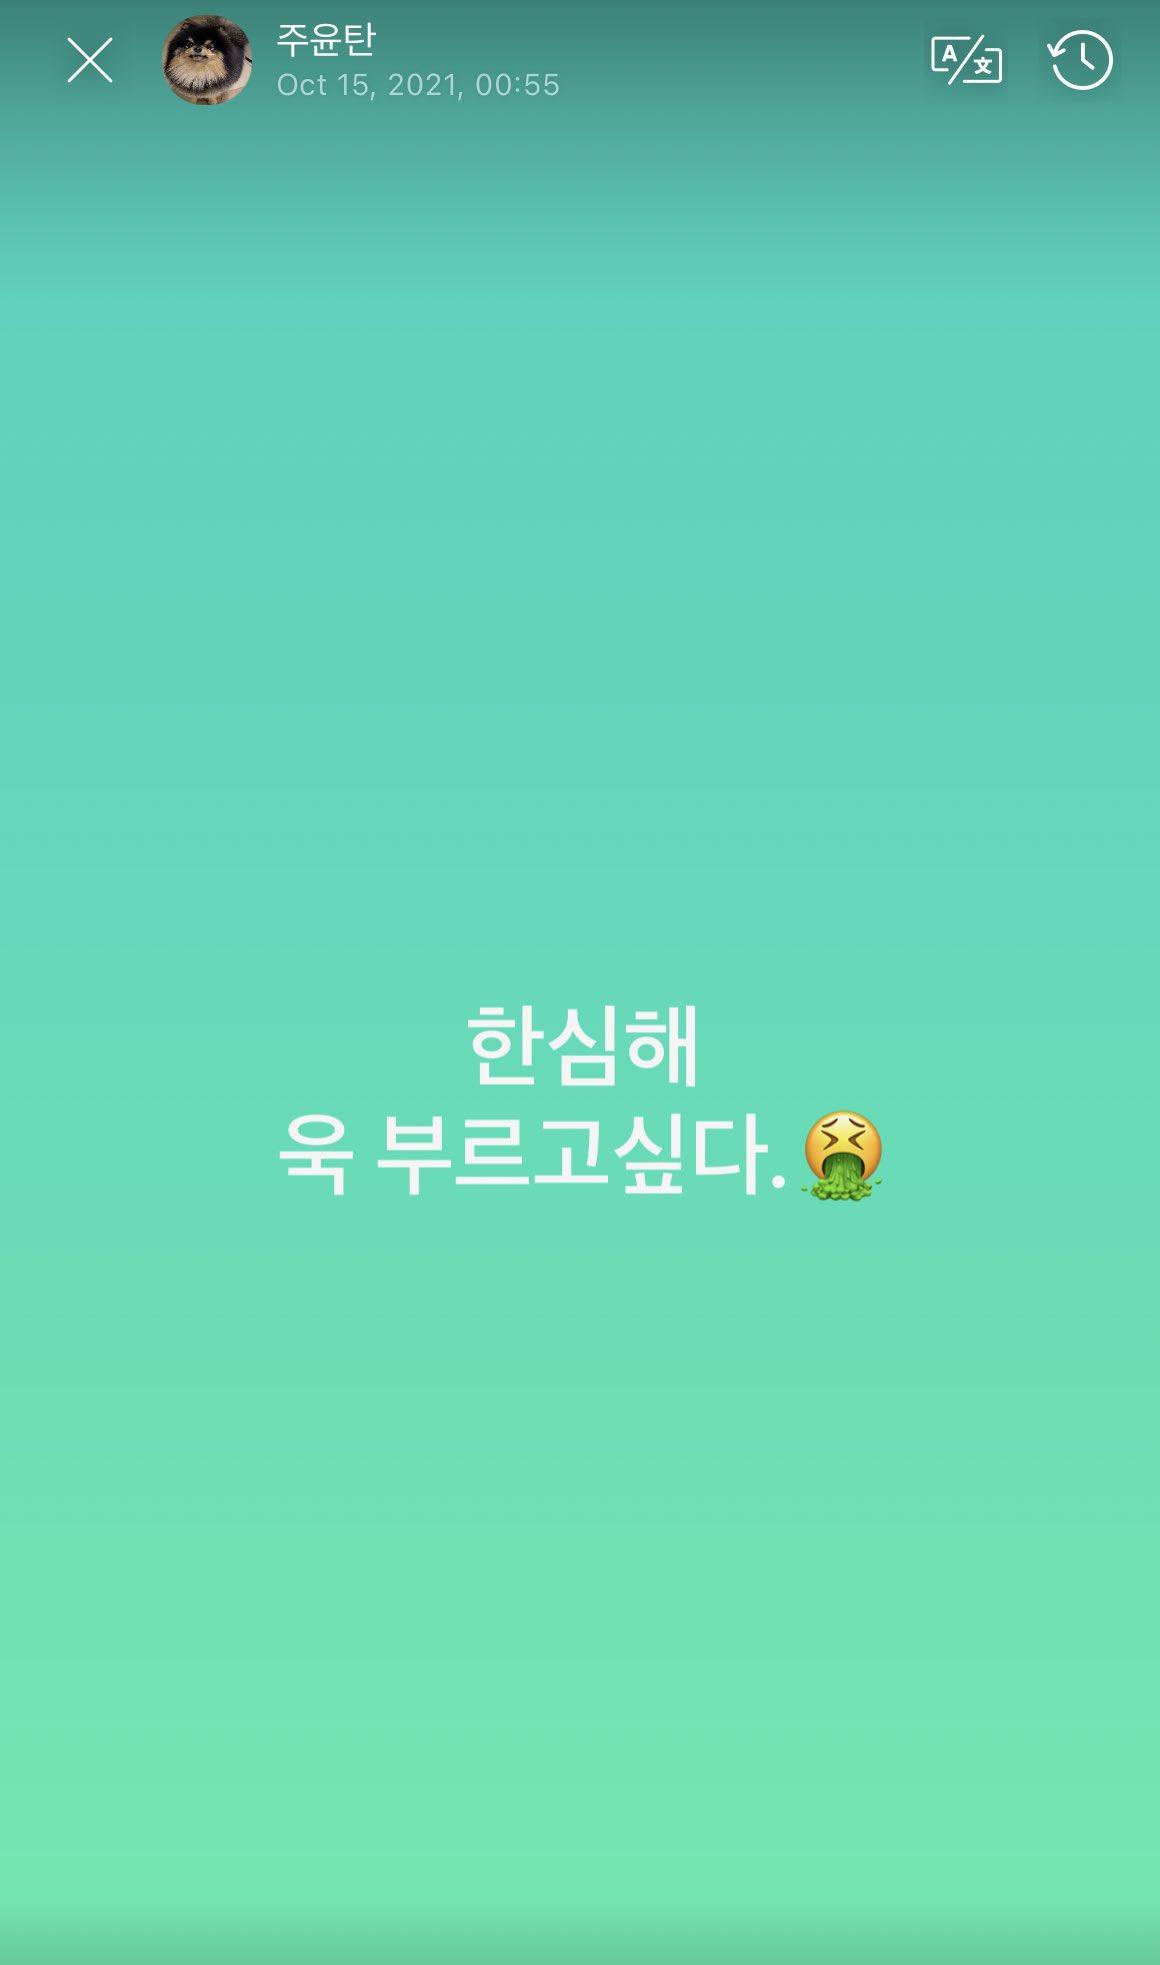 O Tae Twitter